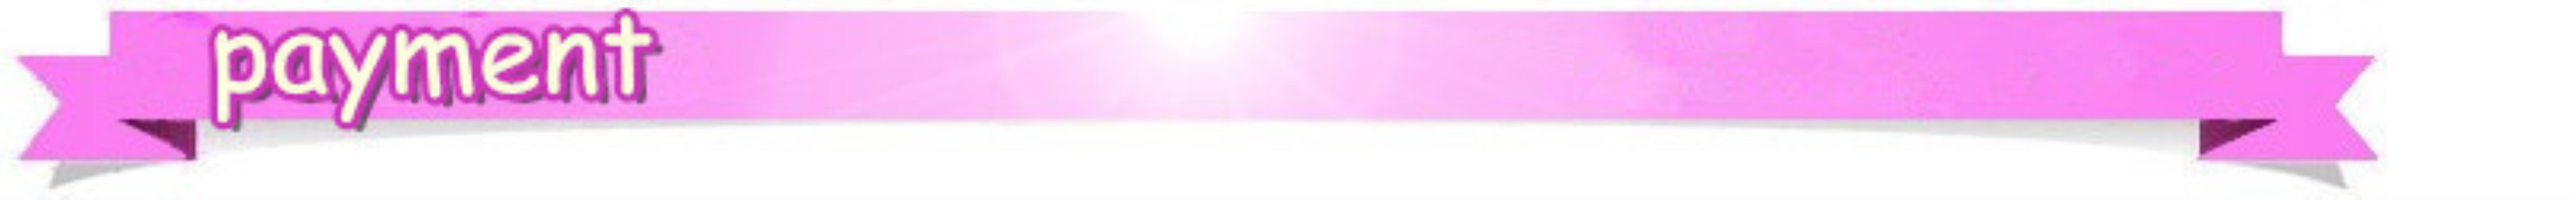 Grafico altezza bambini in legno Adesivo da parete Altezza bianco nero Altezza righello Crescita Grafico Misura bambini in casa Camera da letto Decorazione